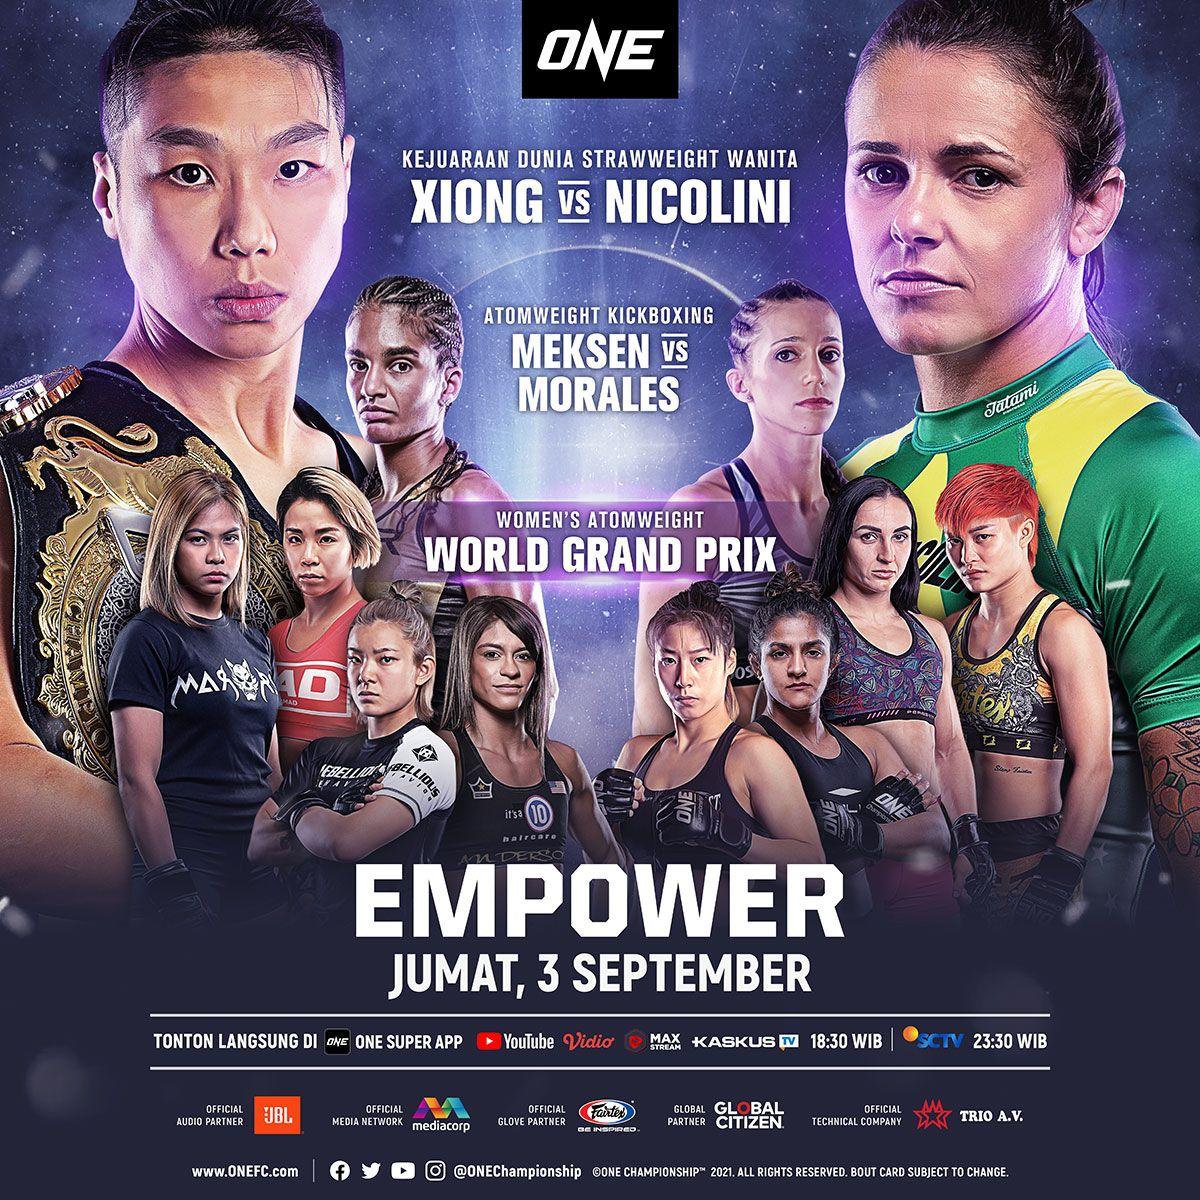 ONE Championship EMPOWER, duel khusus para petarung wanita